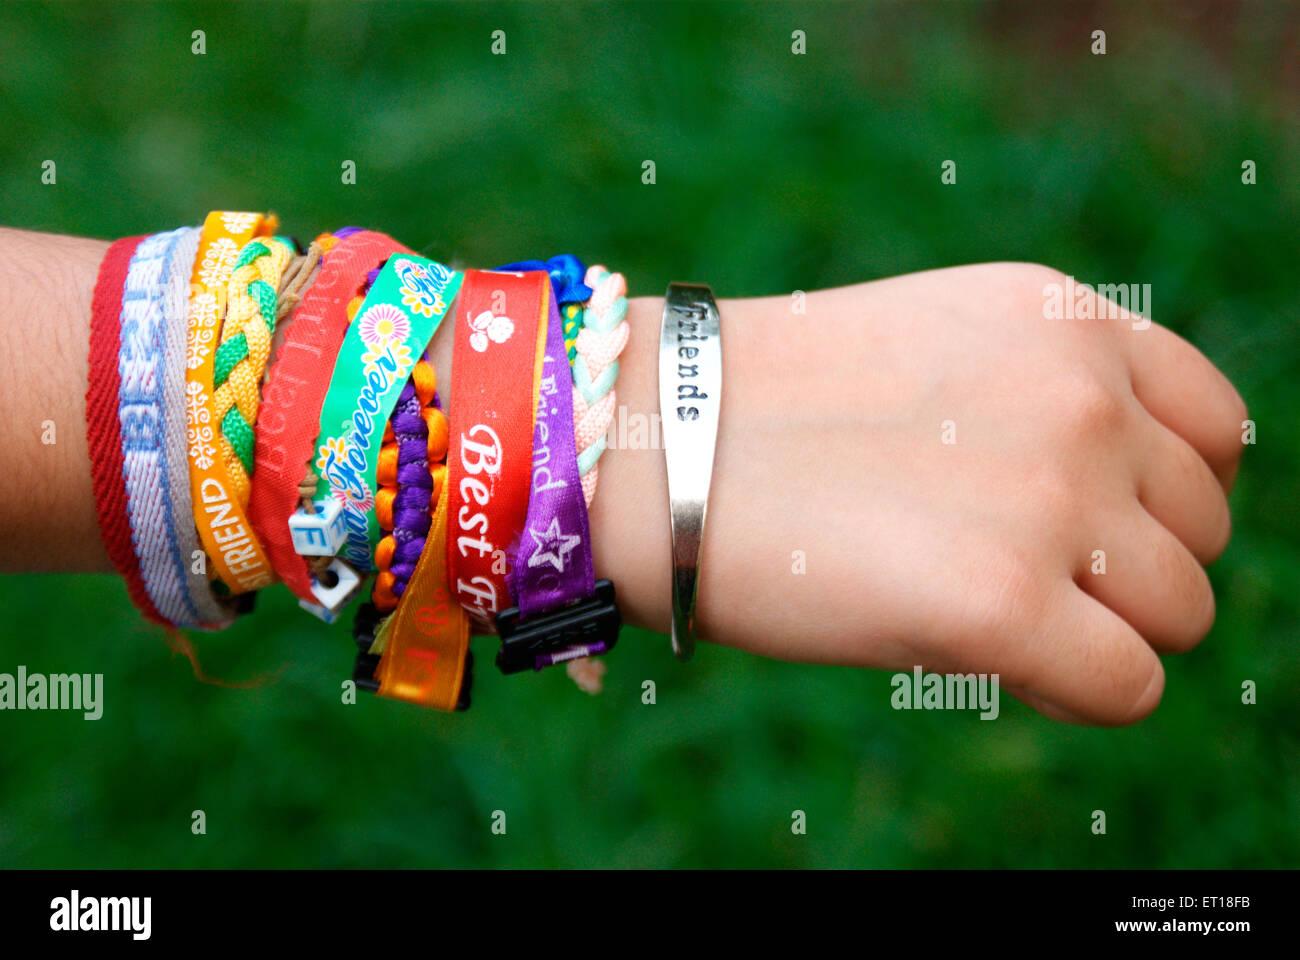 Bande di amicizia bracciali legata a mano su sfondo verde - signor#364 - Immagini Stock